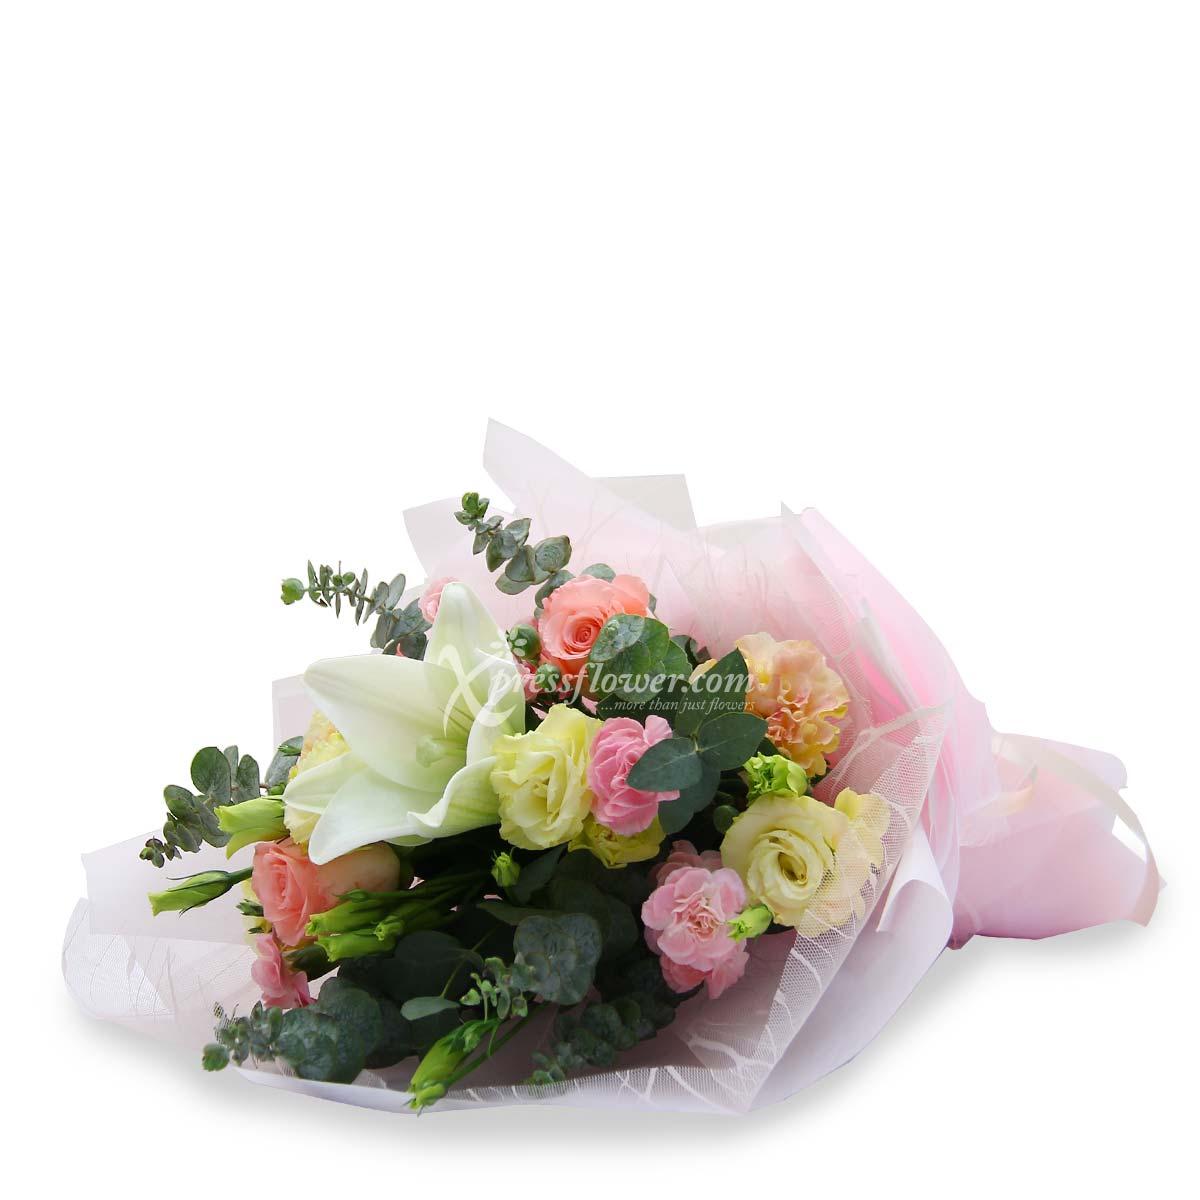 BQ2105_Blooming Chic_B